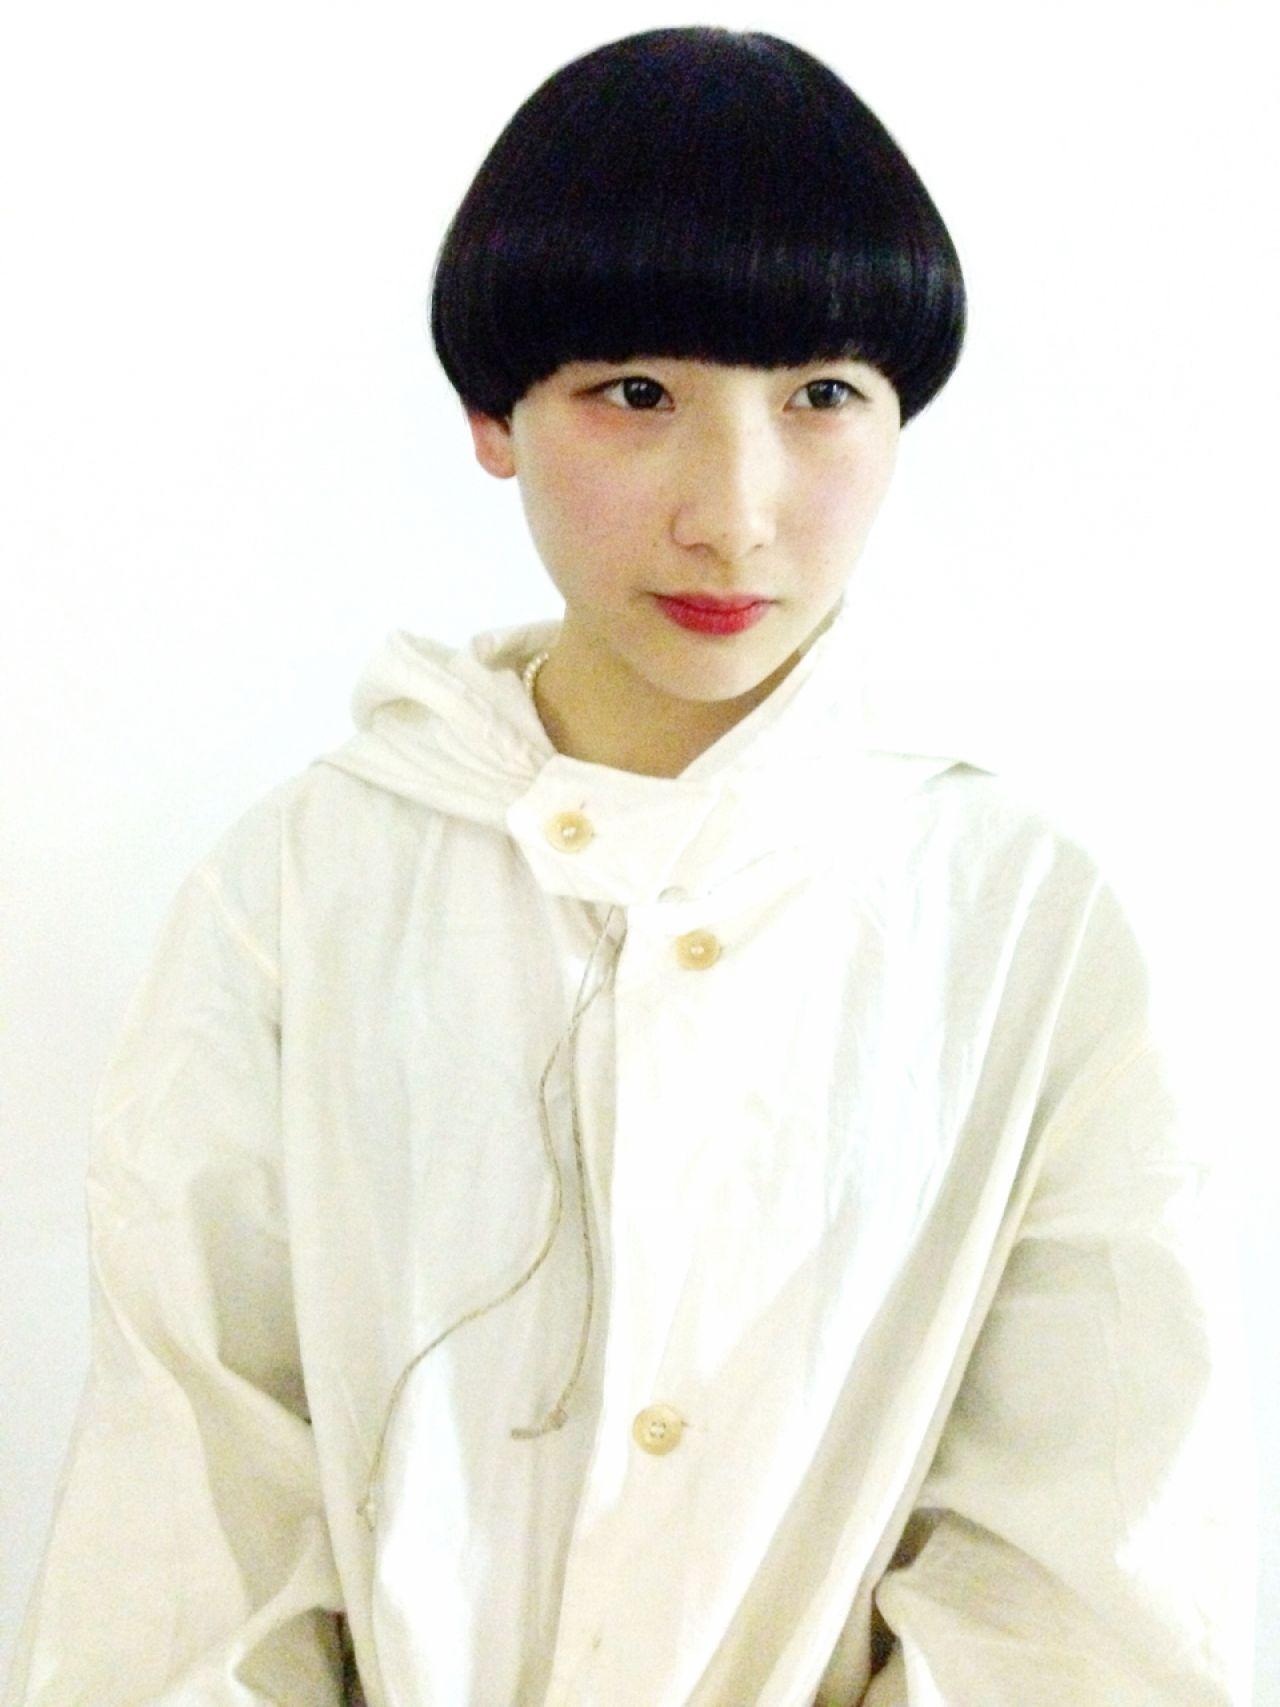 好印象美人になれる♪黒髪ショートのヘアスタイル集 トヲル